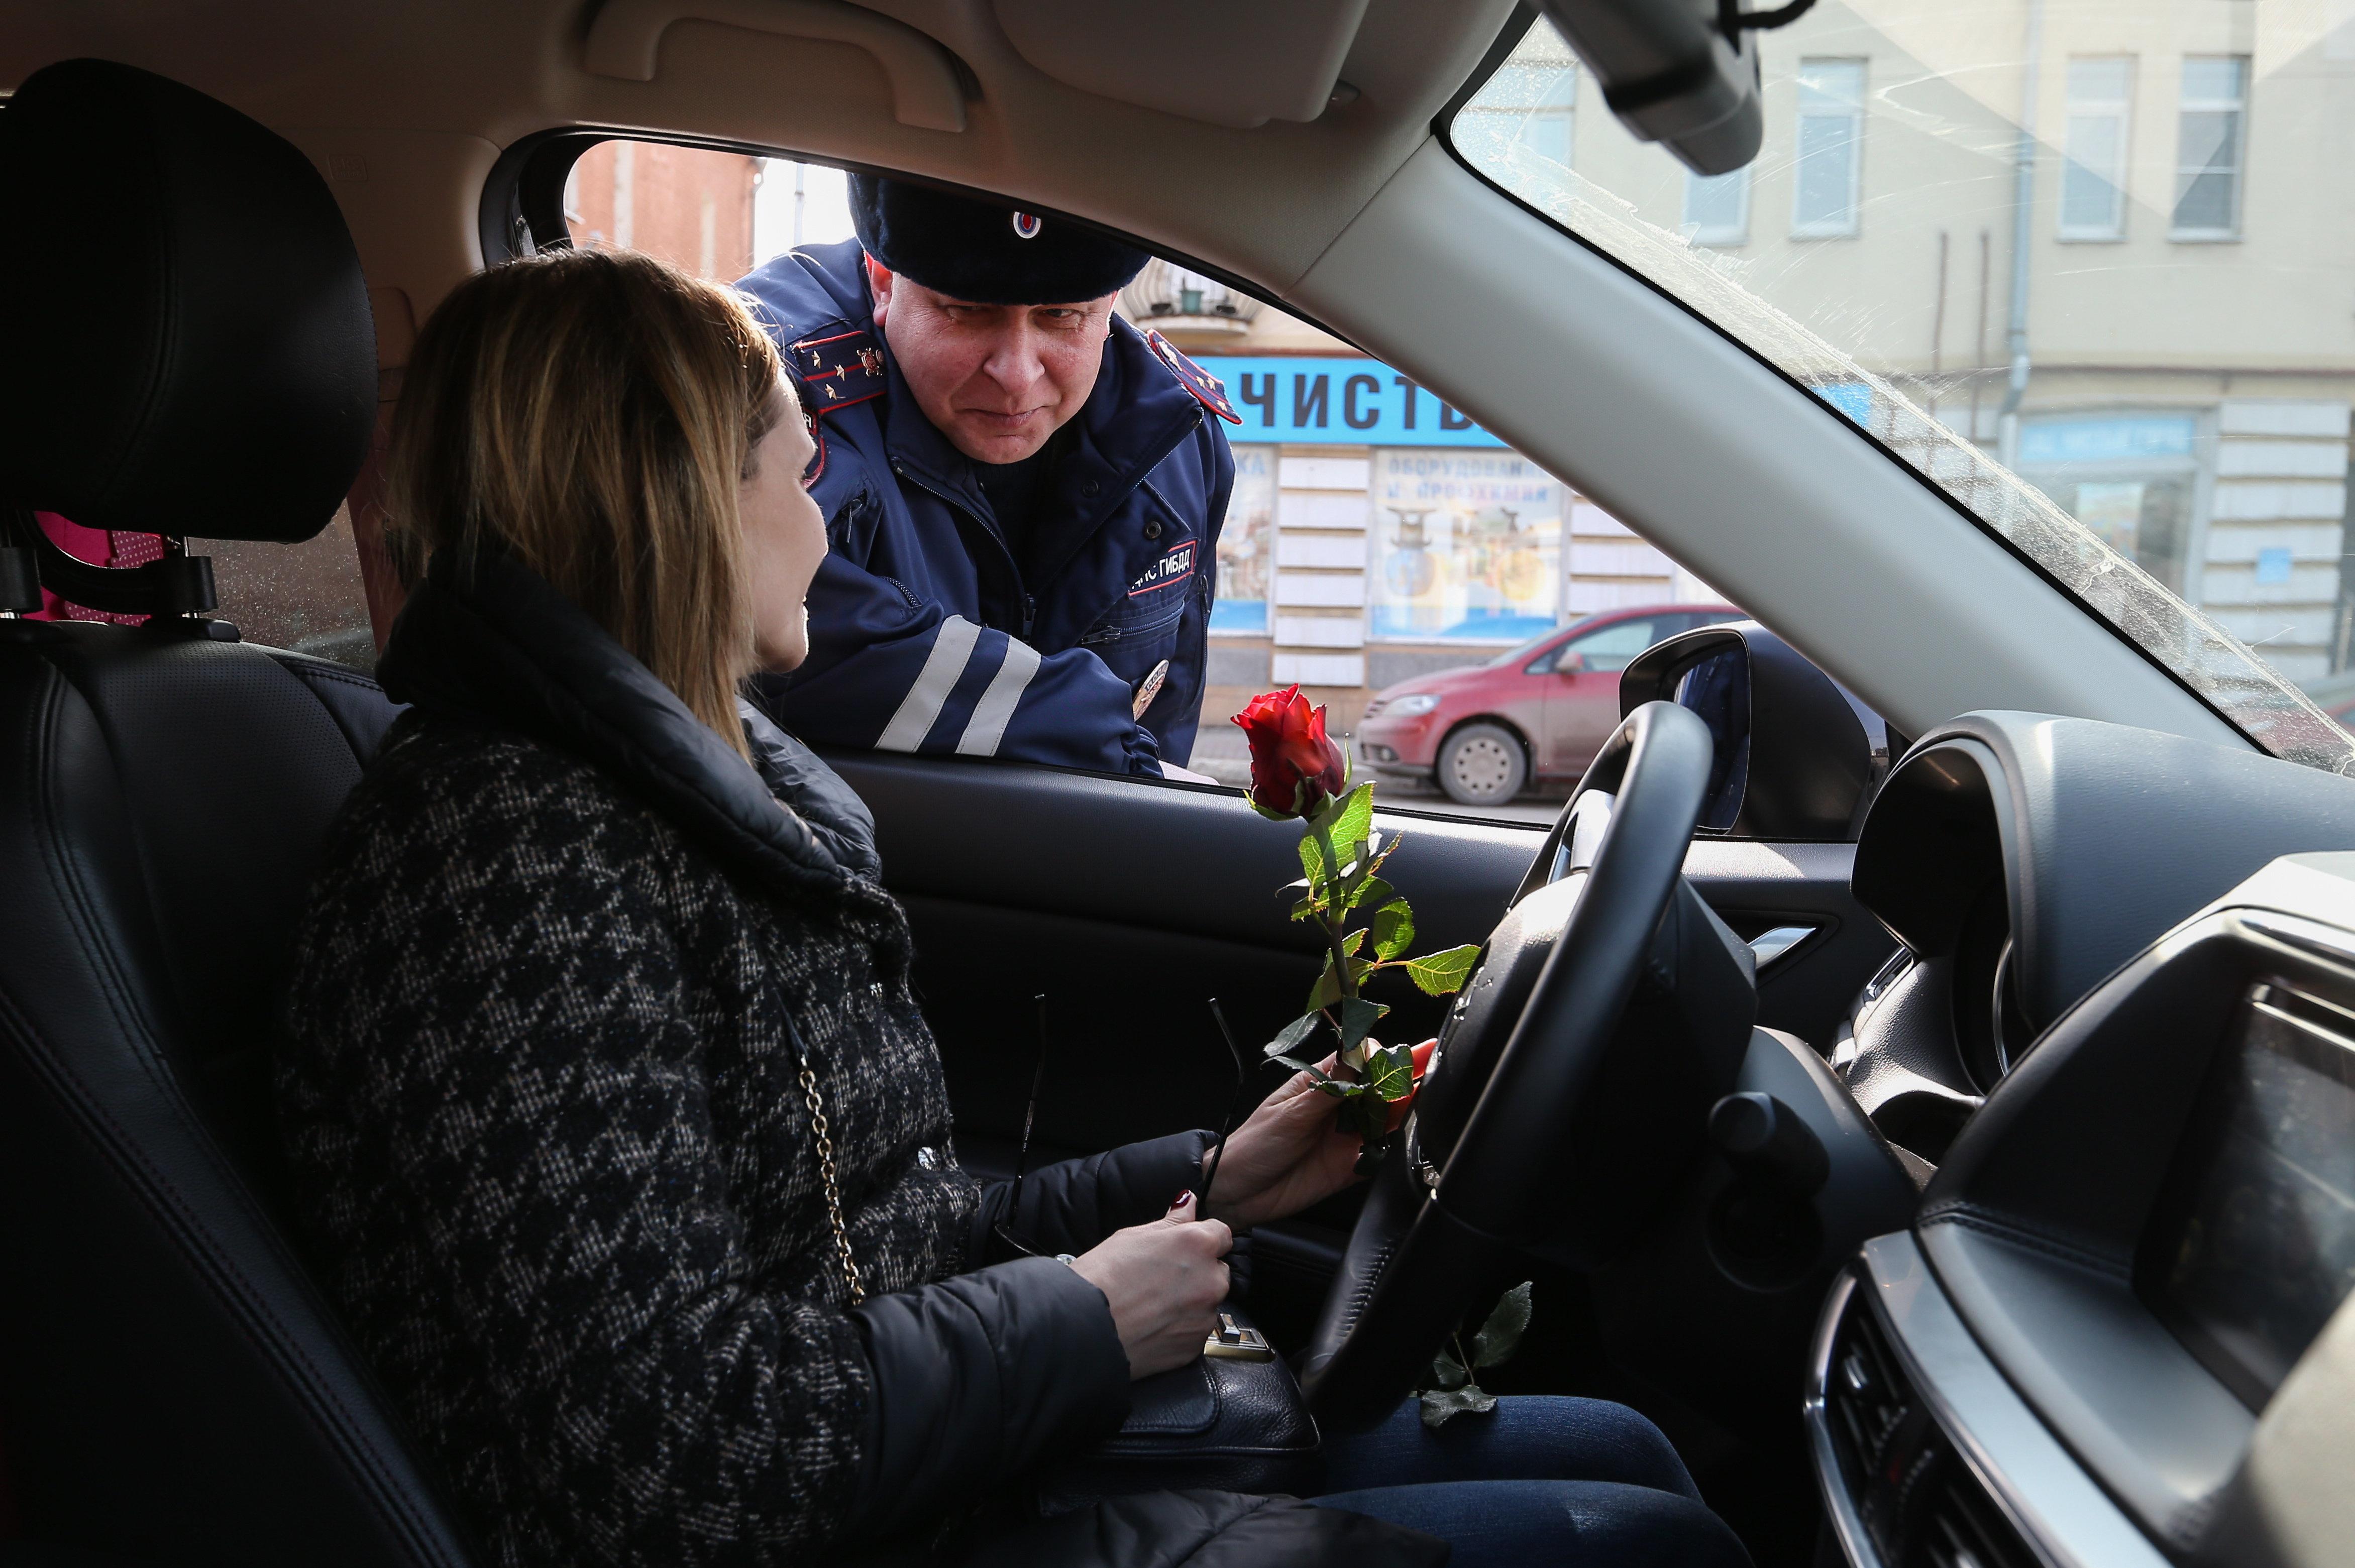 ロシアの警官、国際女性デーに女性運転手へ素敵な贈り物 しかし厳しい現実も...